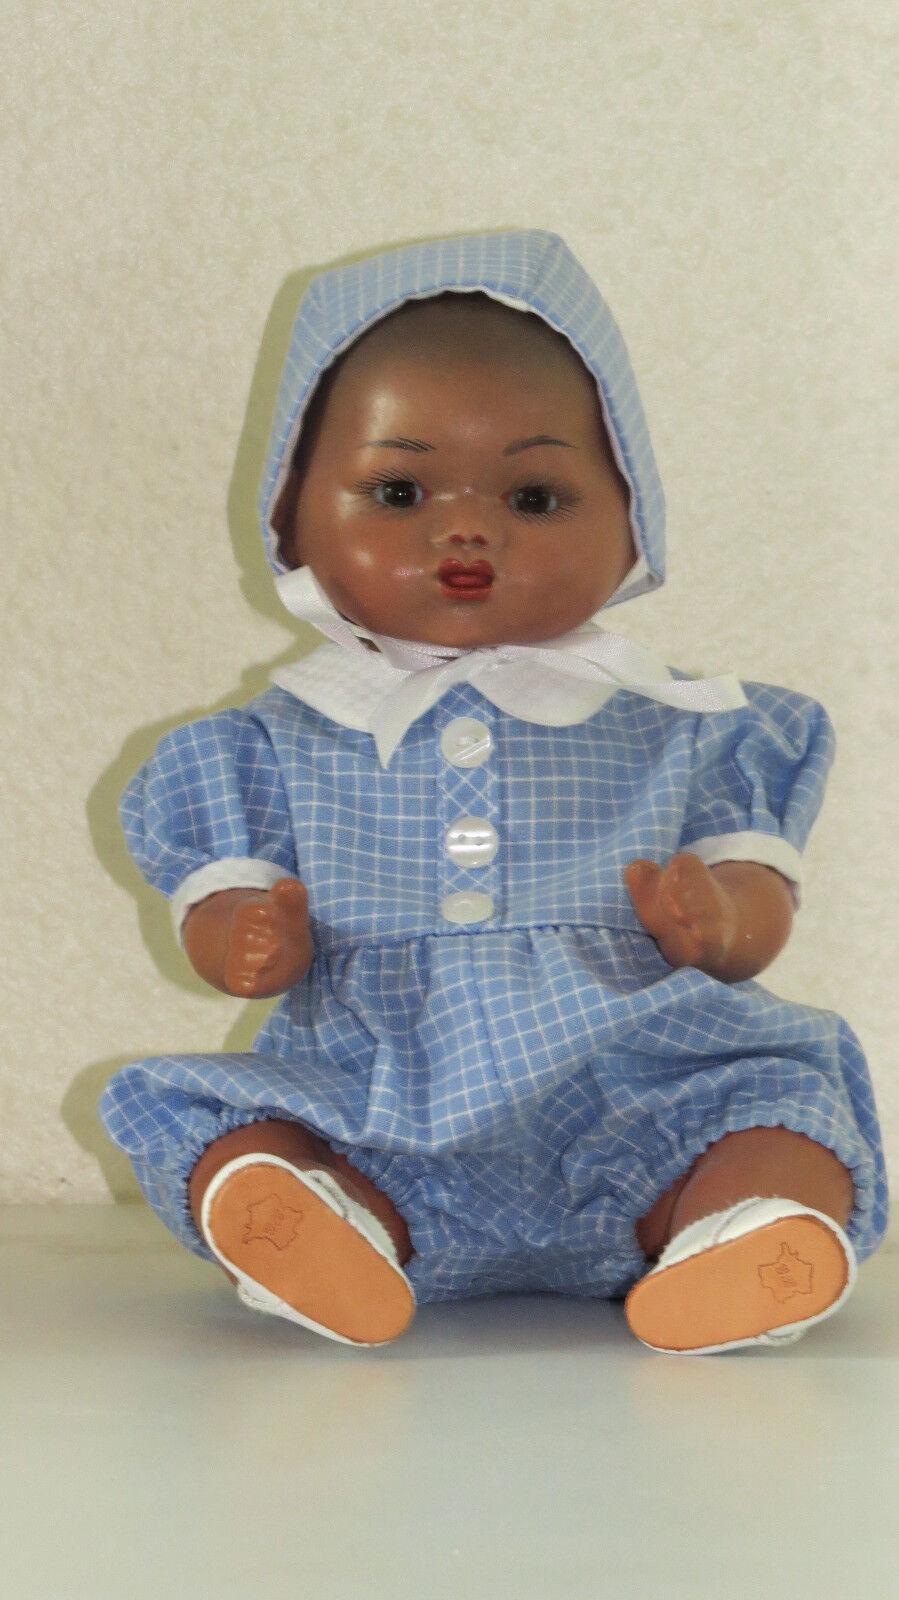 Bambino Métis B  Blauette brother  Poupée ancienne  reproduction antique doll